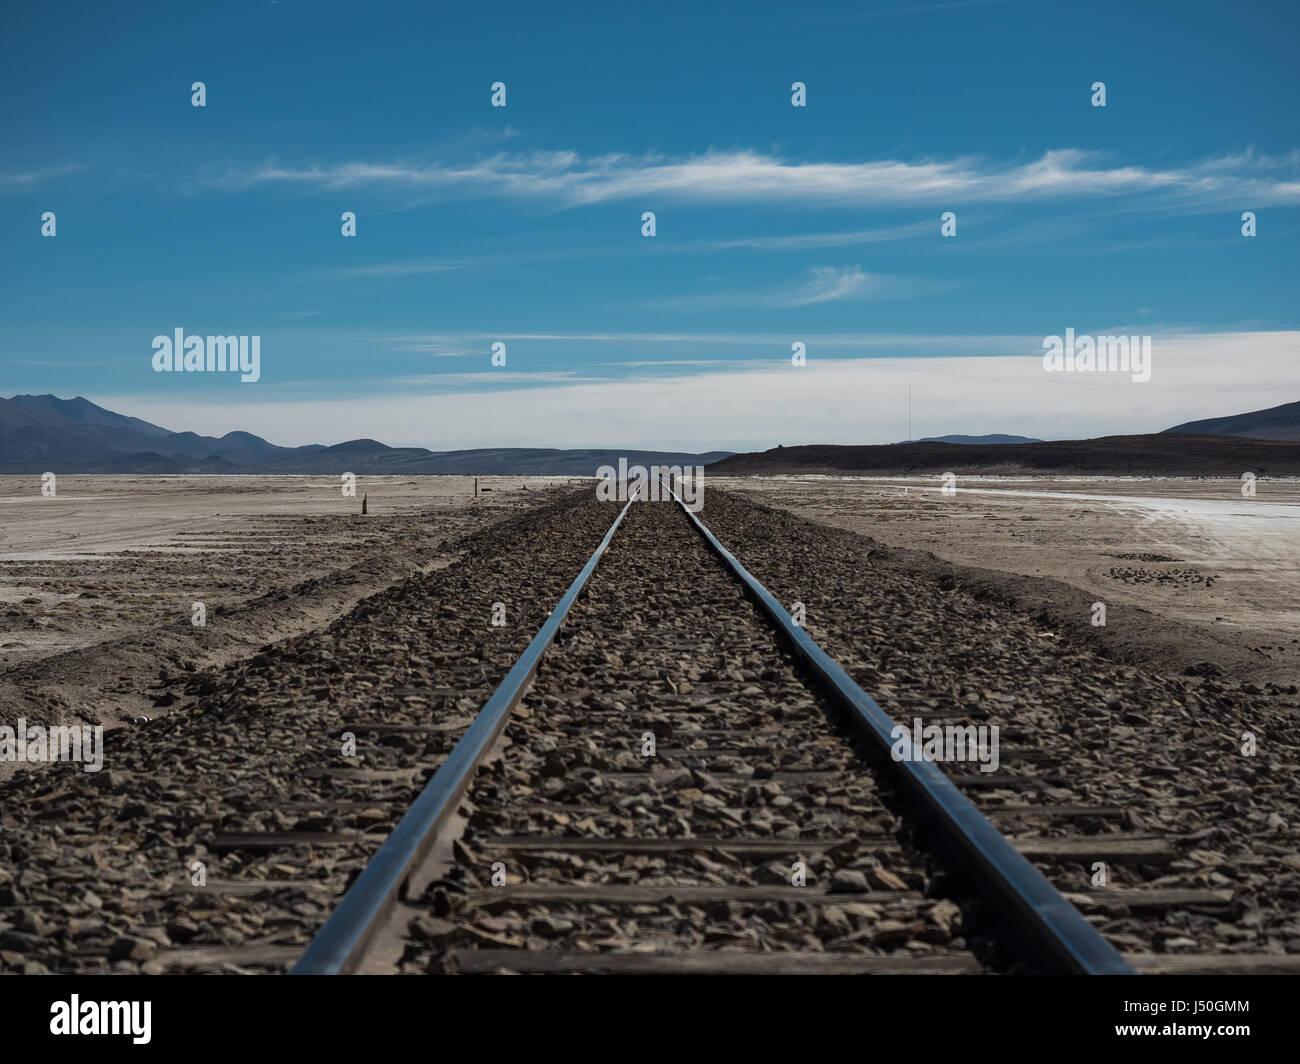 La droite à travers désert d'Atacama, près d'Uyuni, Bolivie, Amérique du Sud. Photo Stock